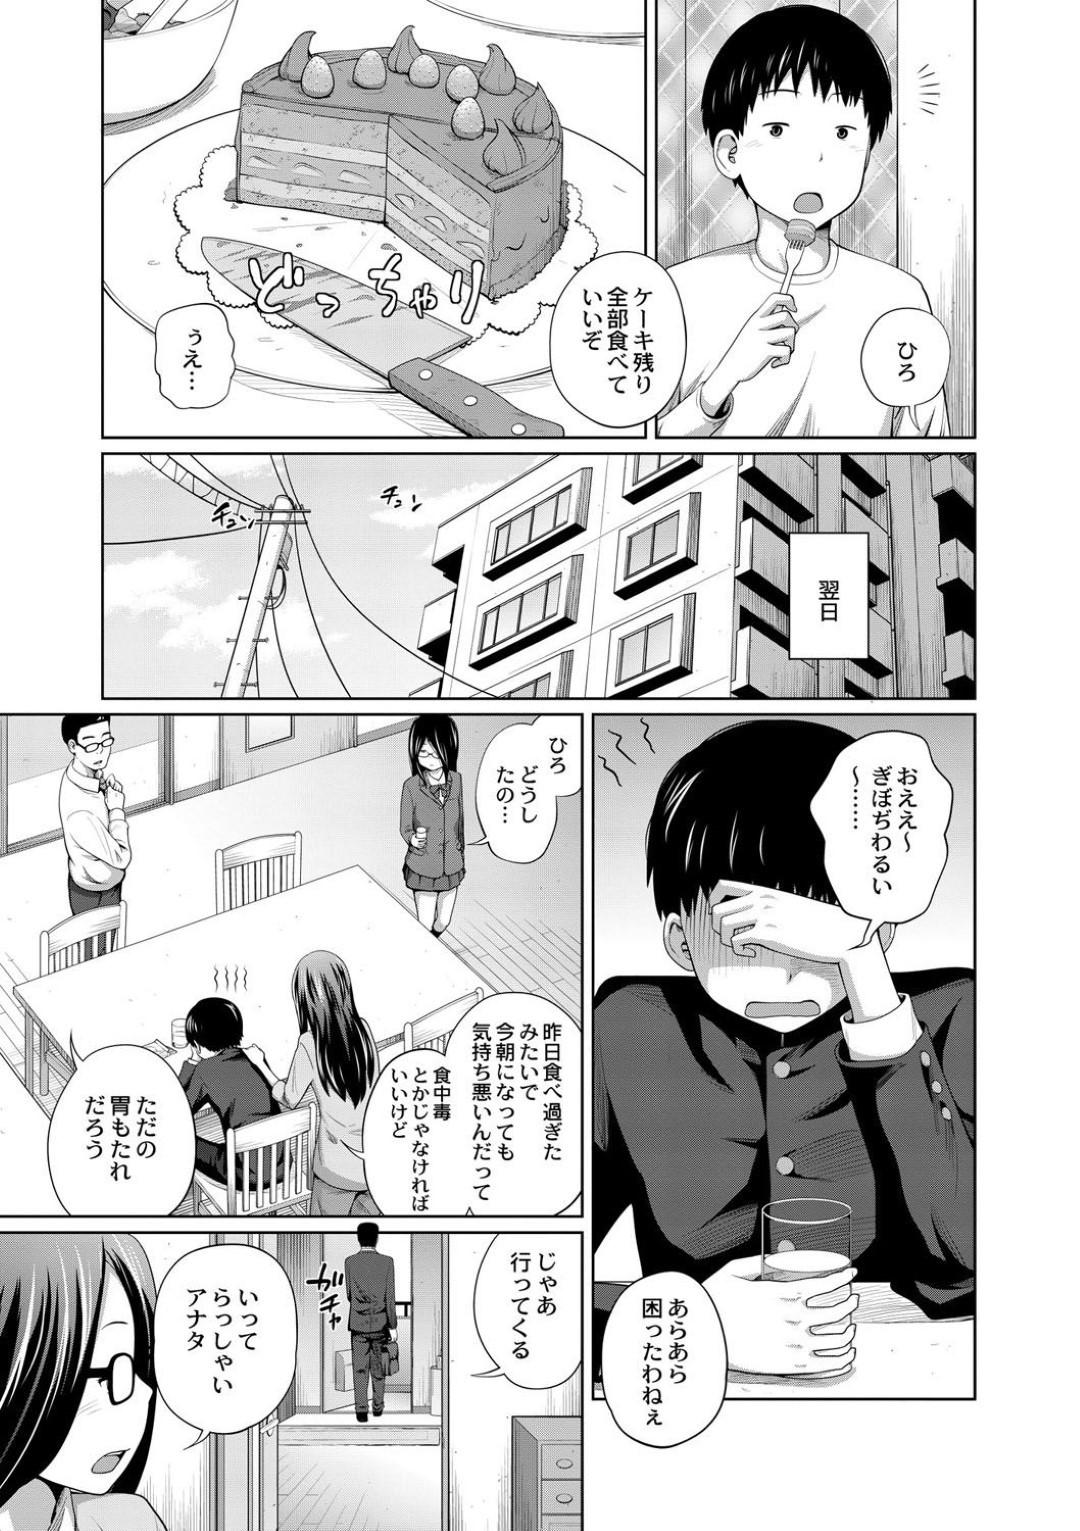 【エロ漫画】体調不良でベッドで寝ている弟を気持ちよくさせようと試みる清楚系JKな姉。いきなり姉に手コキされて戸惑う彼だったが、抗うことはできずそのままされるがままにフェラまでされて近親相姦へと発展する。